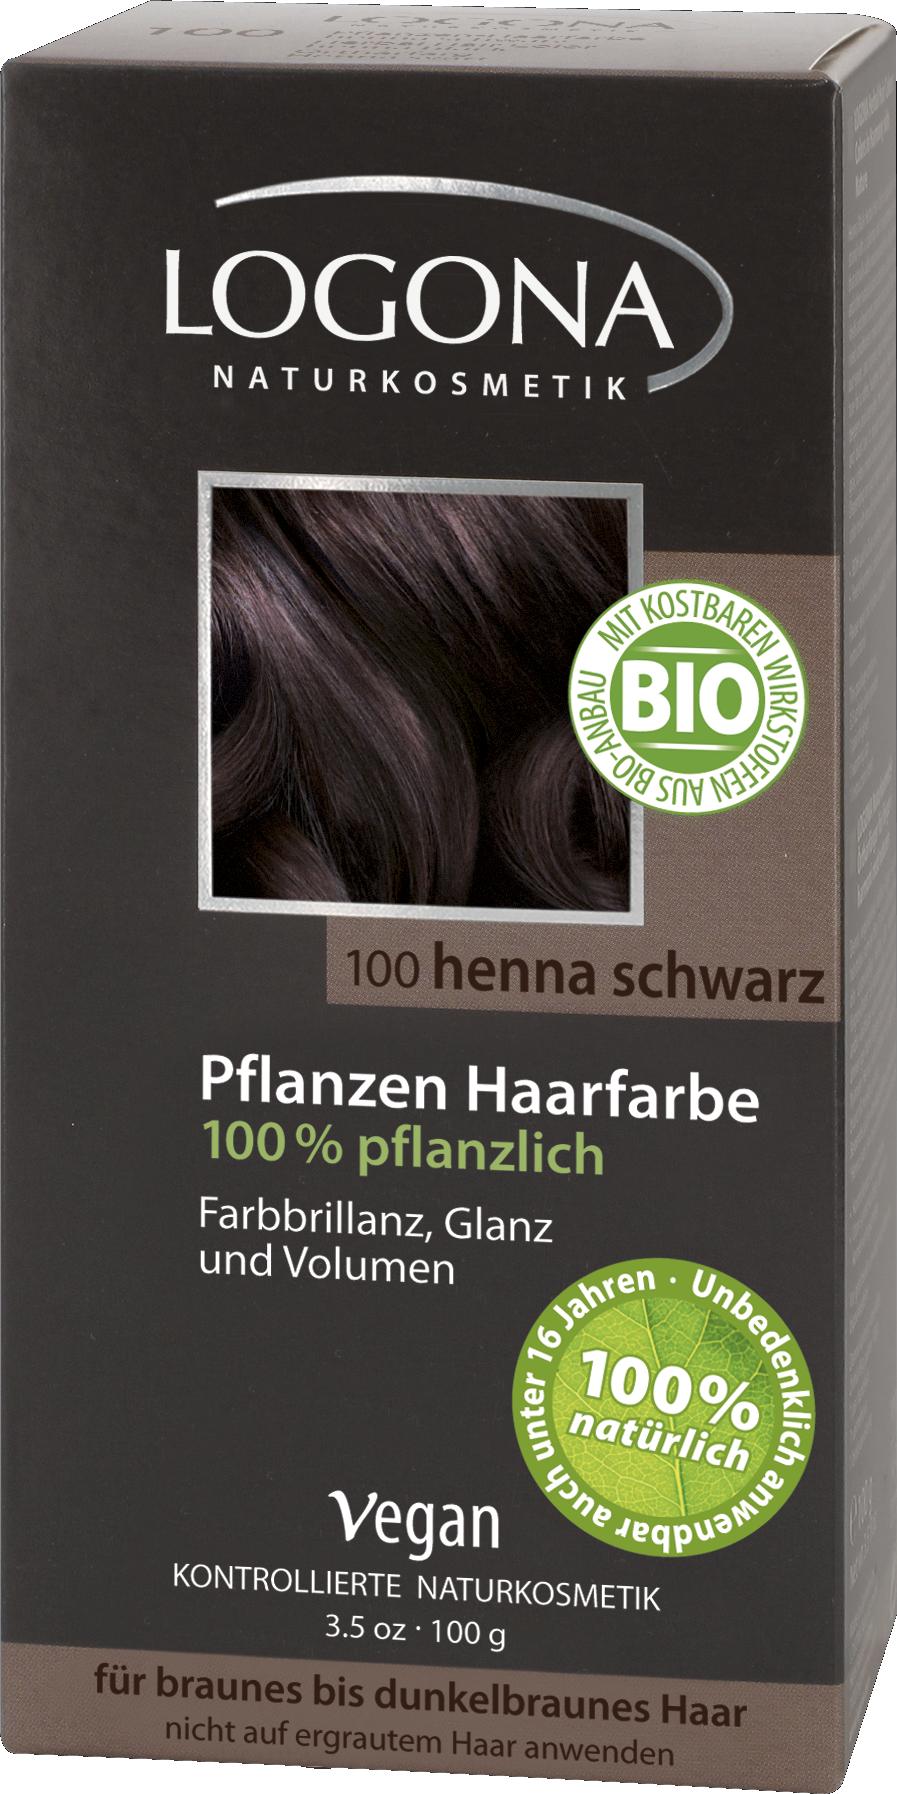 Henna haarfarbe neurodermitis